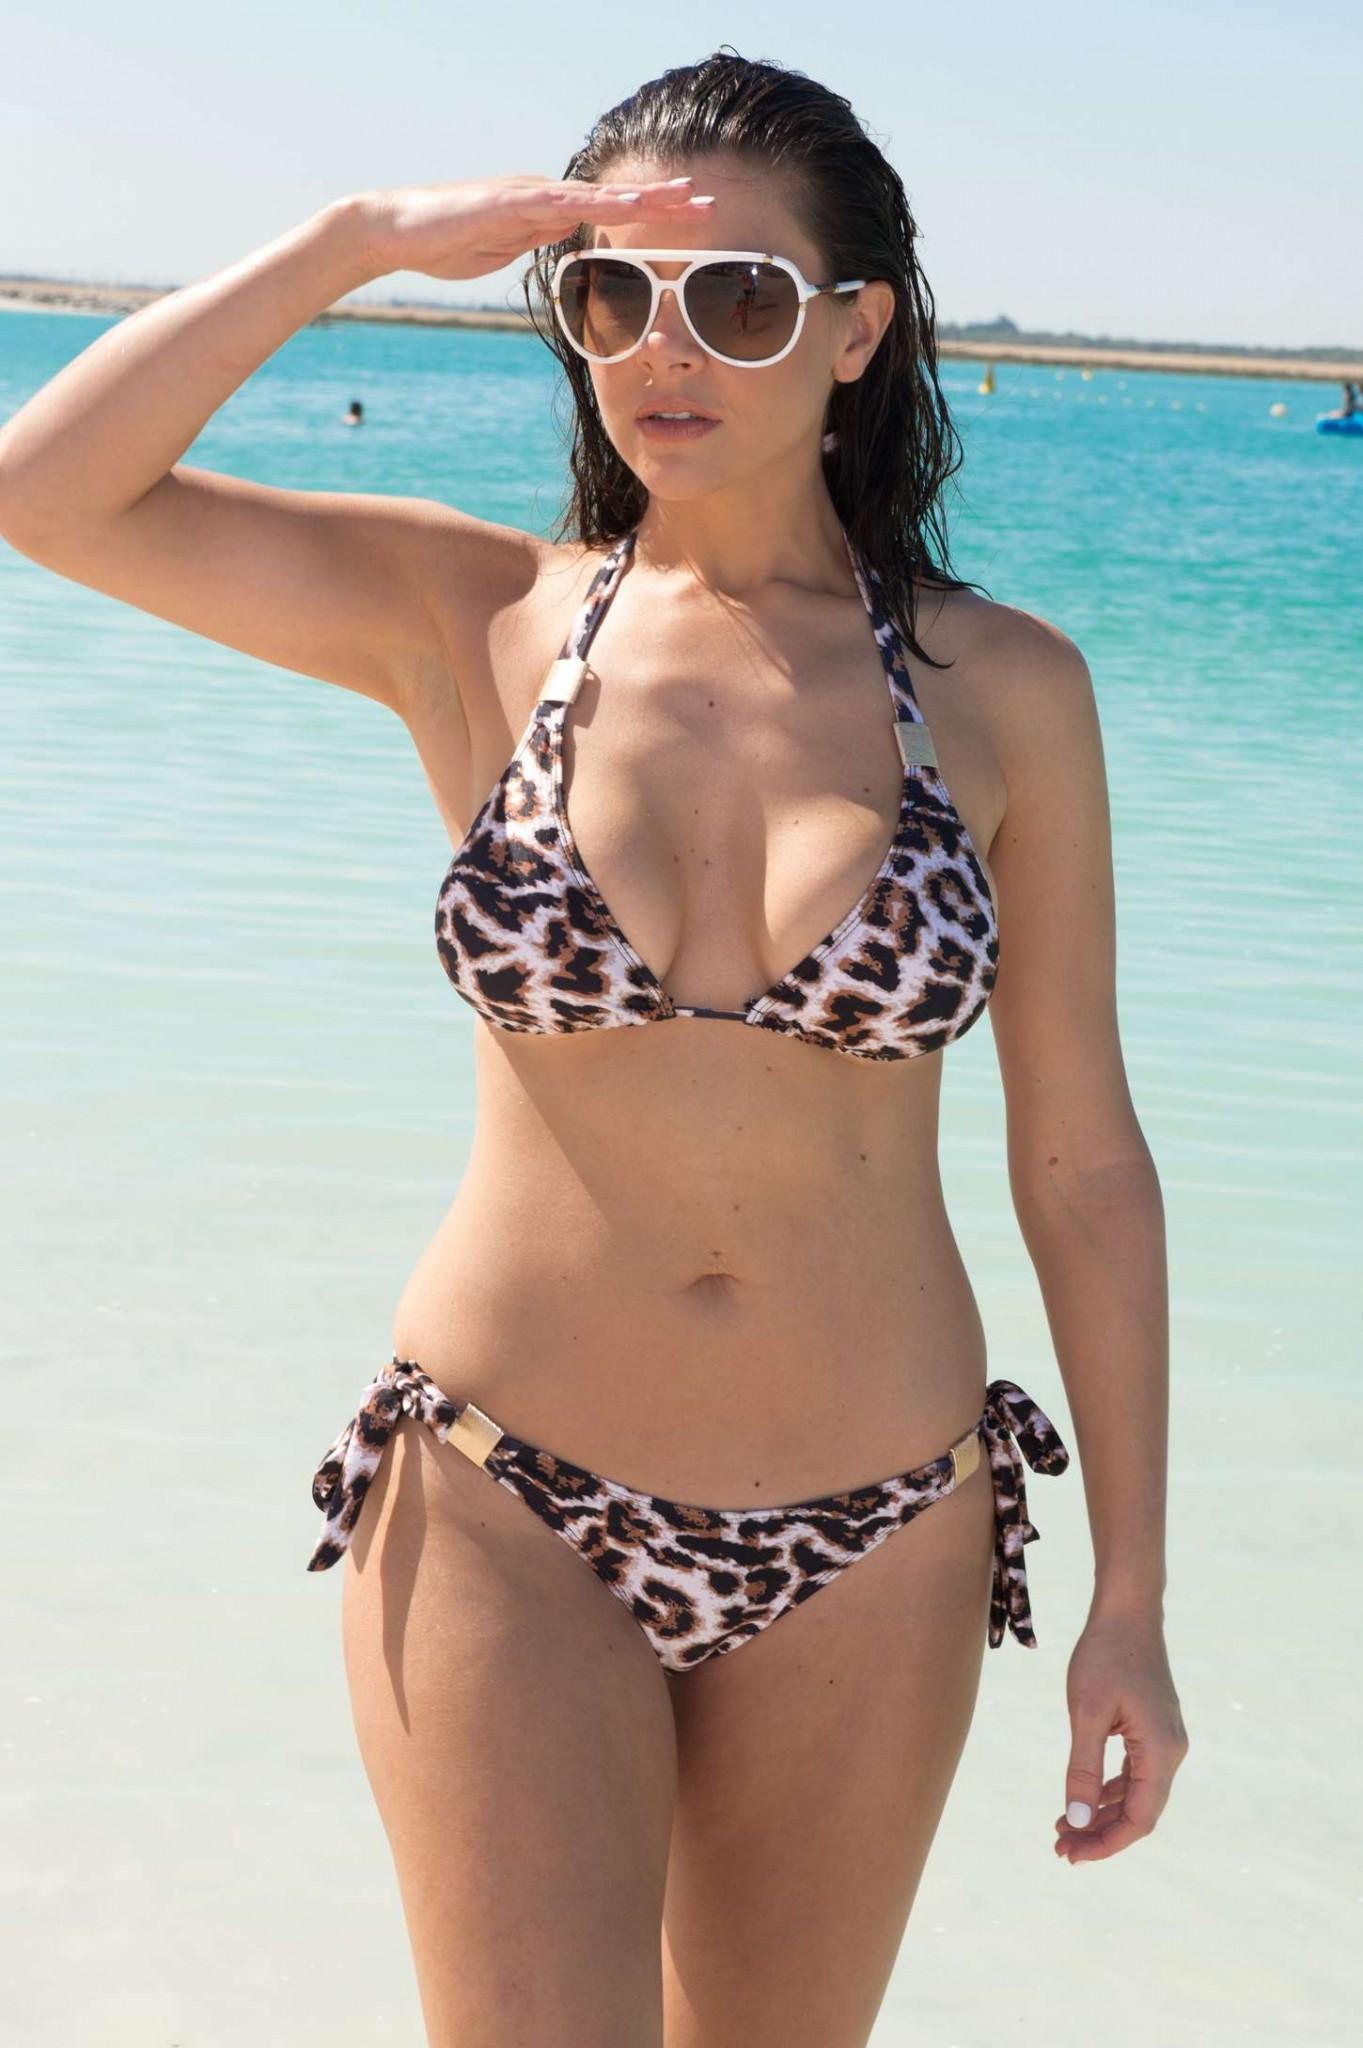 imogen-thomas-wearing-a-bikini-in-dubai-11